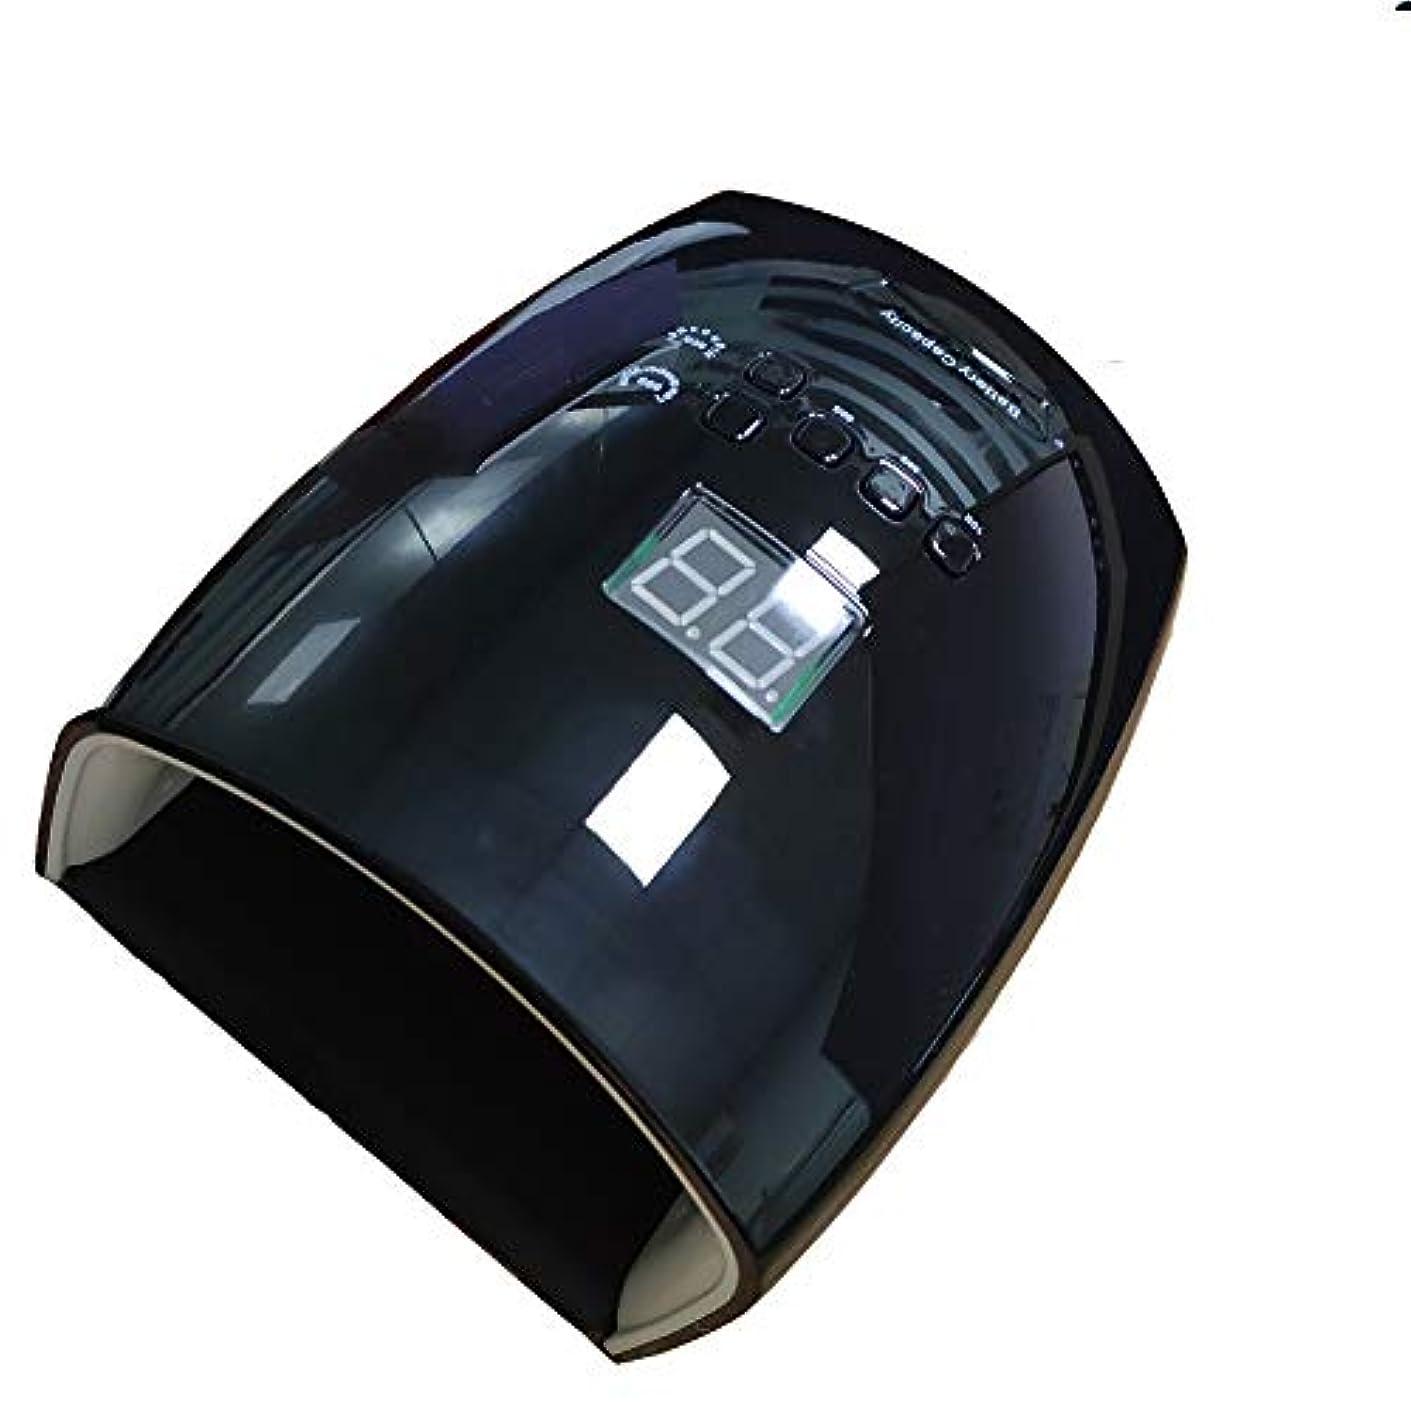 推測カメラすきLEDネイルマシン、インテリジェント赤外線センサー多機能ネイル硬化機プロの美容ネイルポリッシャー、取り外し可能な高速乾燥ジェルマシン